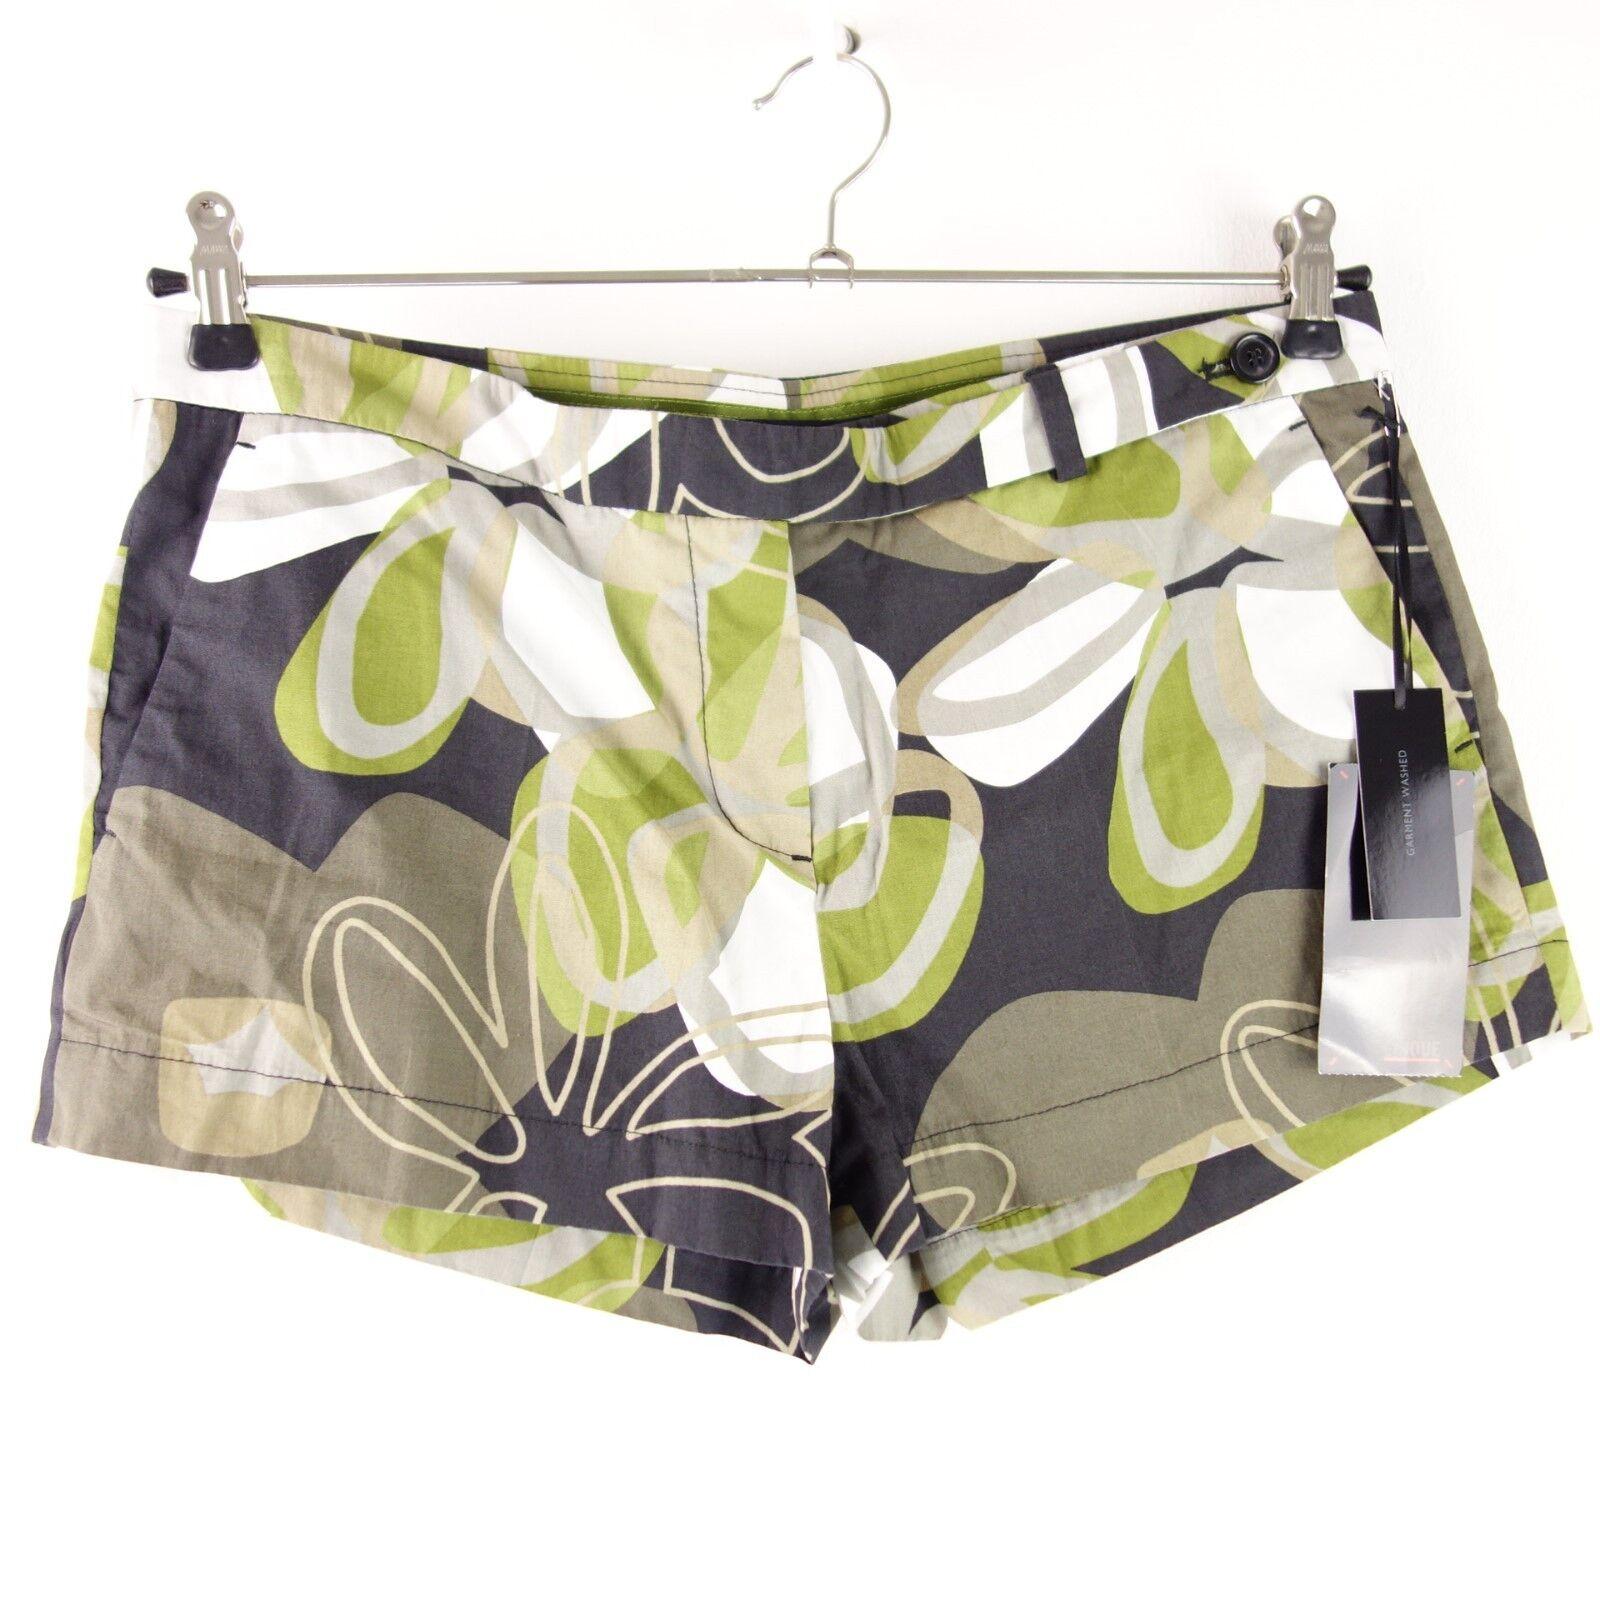 Cinque Damen Shorts Hot Pants Eppen Gr 38 Grün Kurze Hose Schurwolle Np 79 Neu